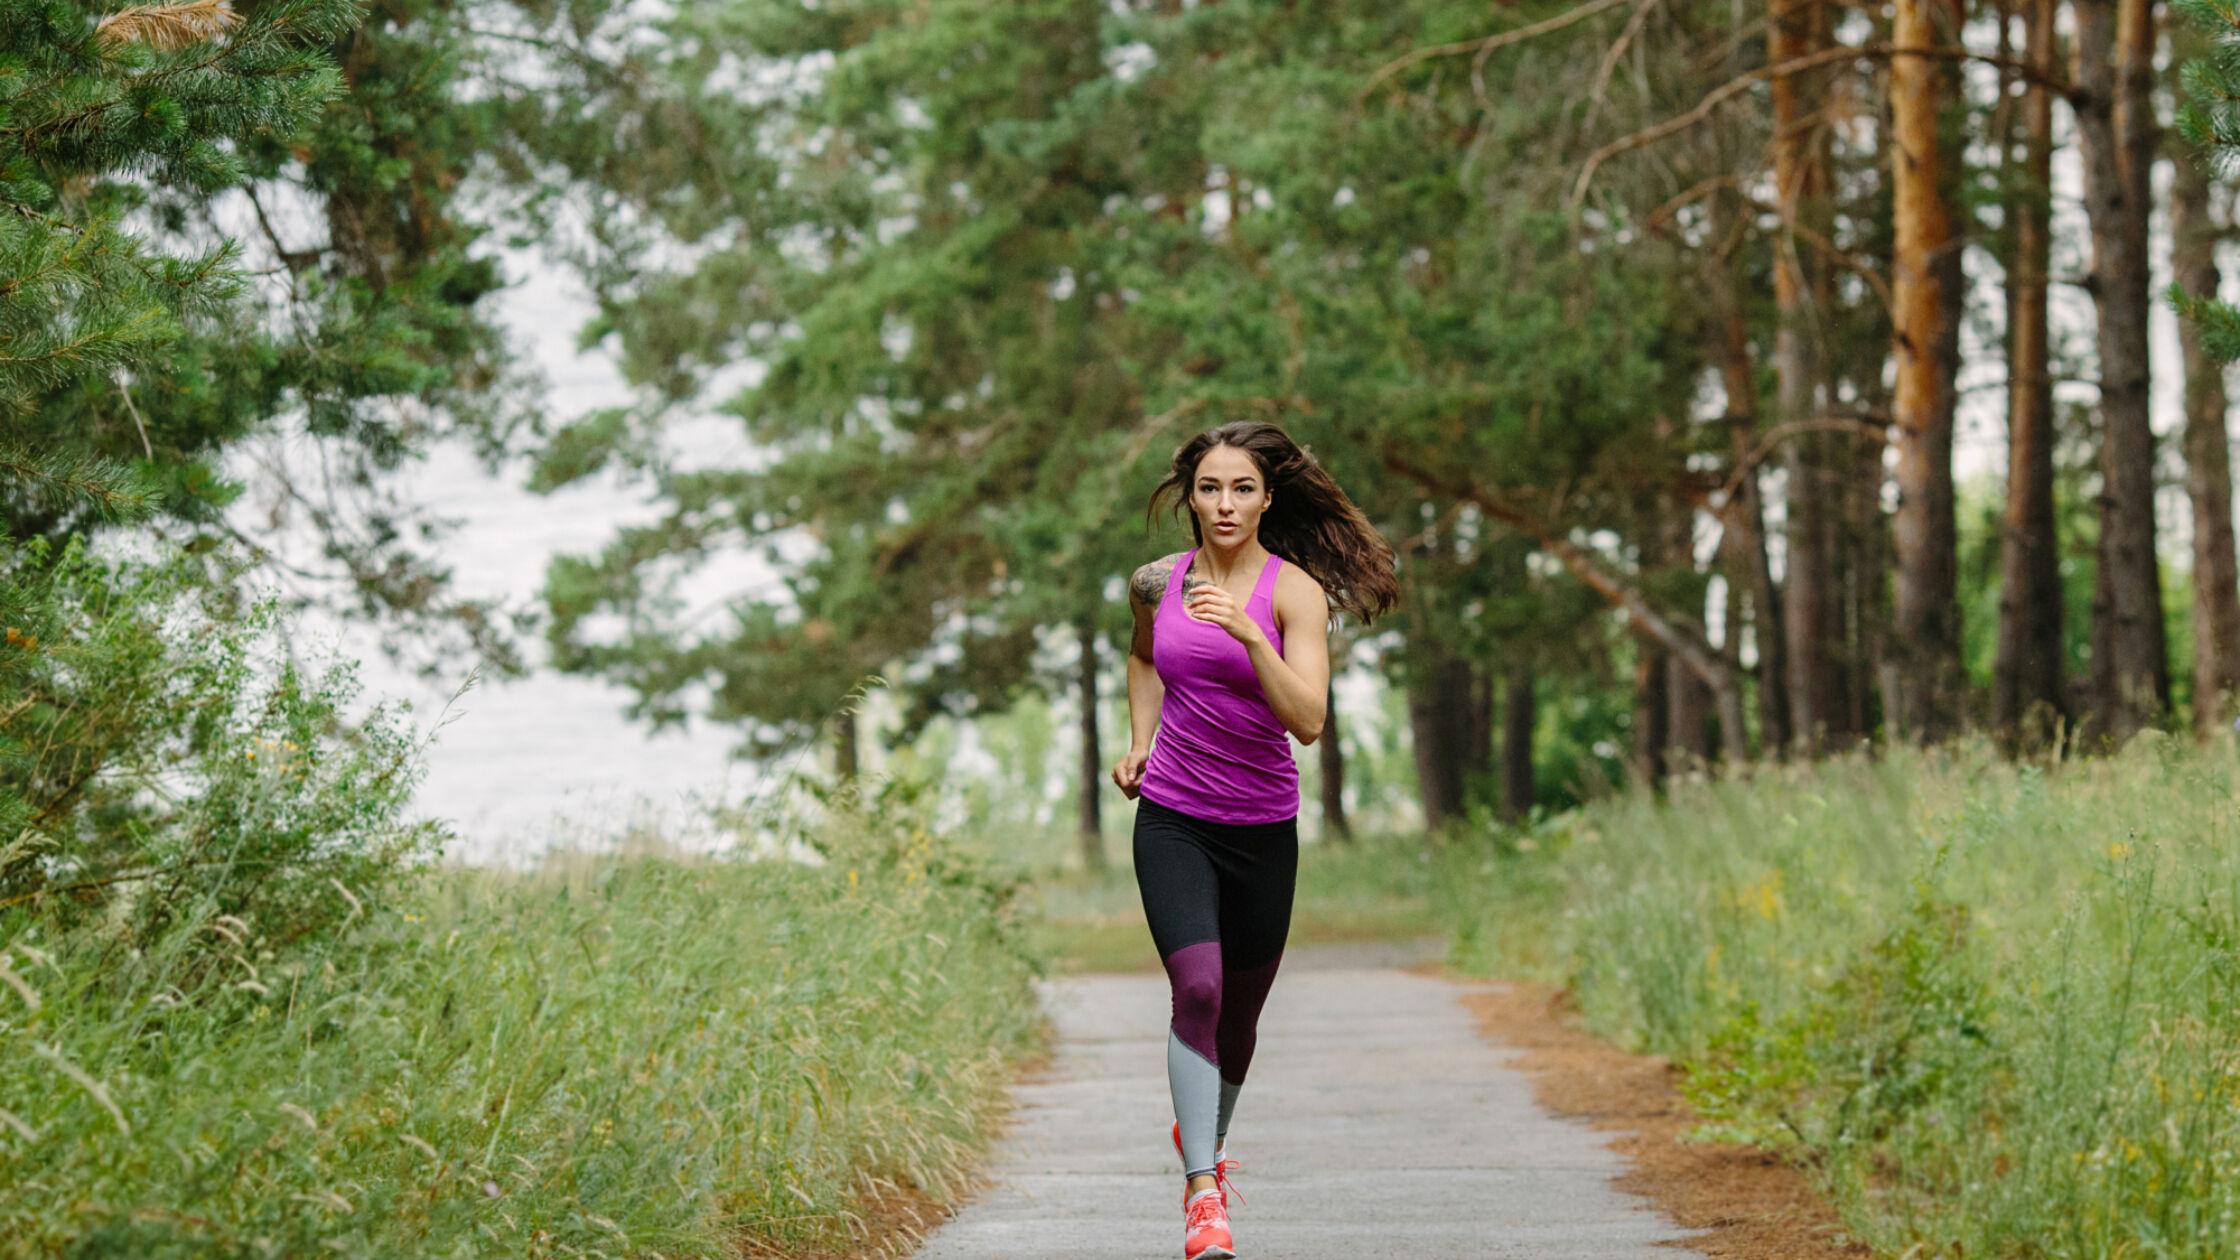 Wat doe je tegen pijn in je borsten tijdens het hardlopen?